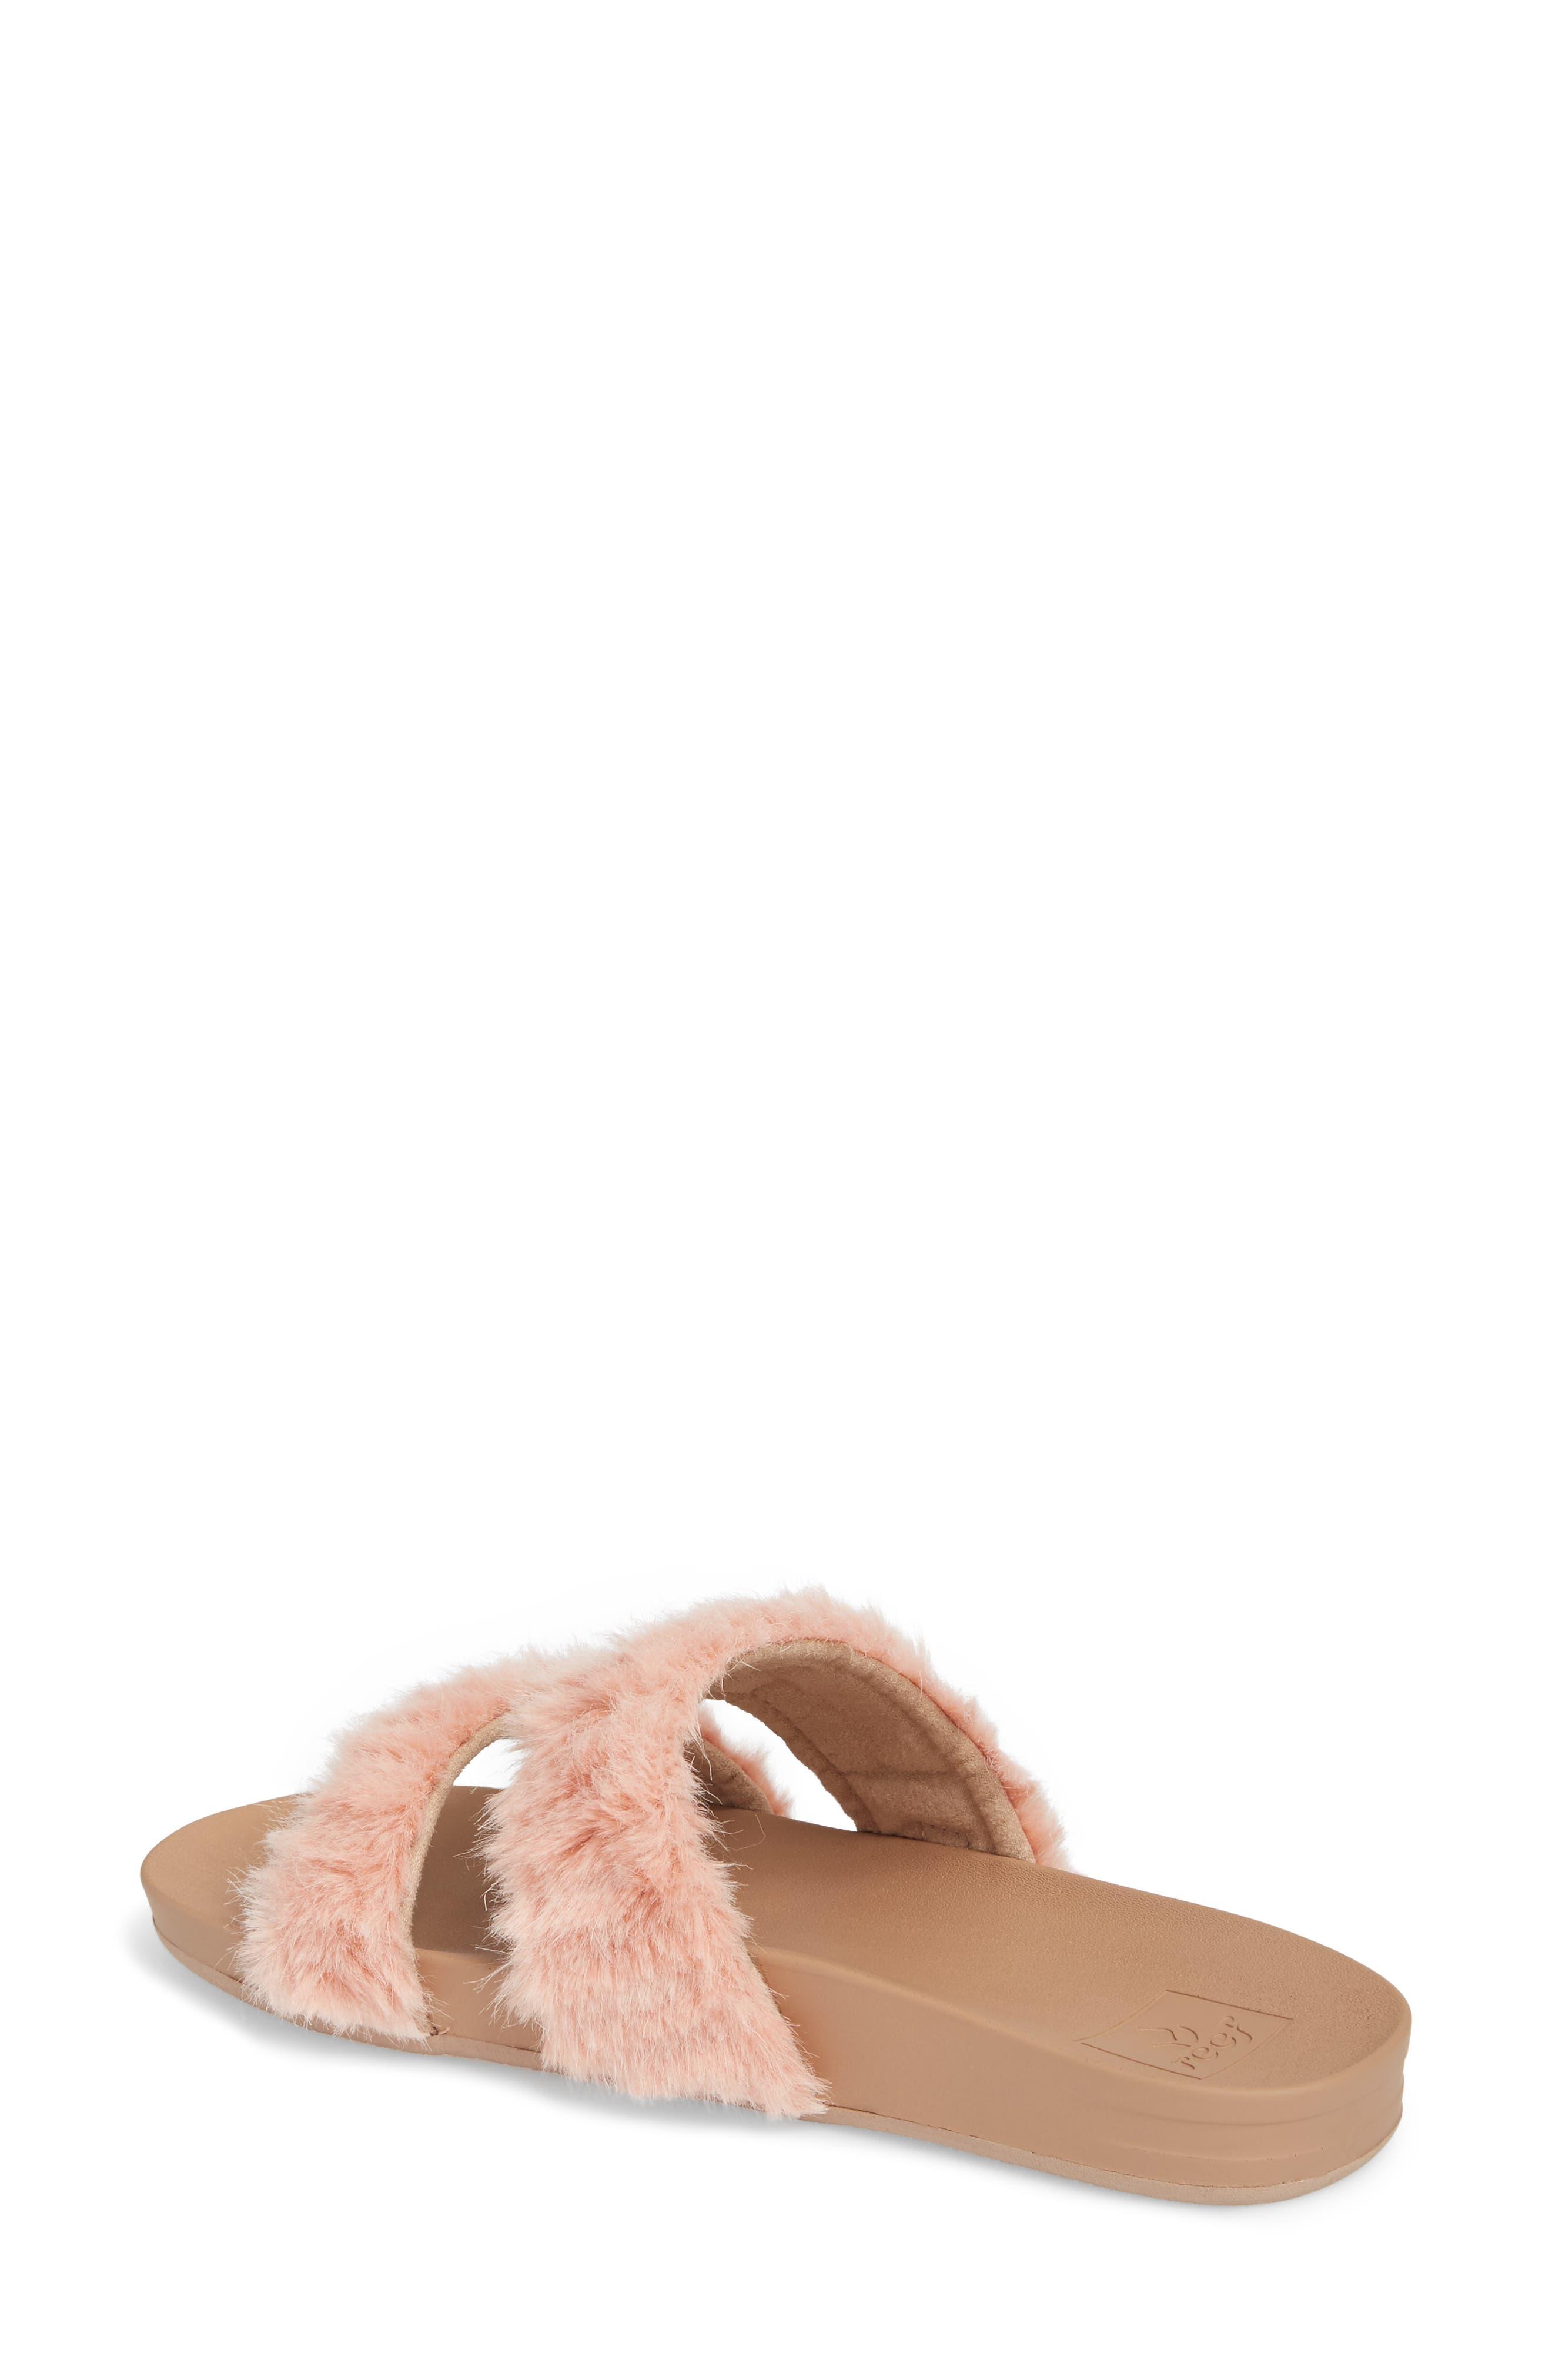 Bounce Faux Fur Double Strap Slide Sandal,                             Alternate thumbnail 2, color,                             Blush